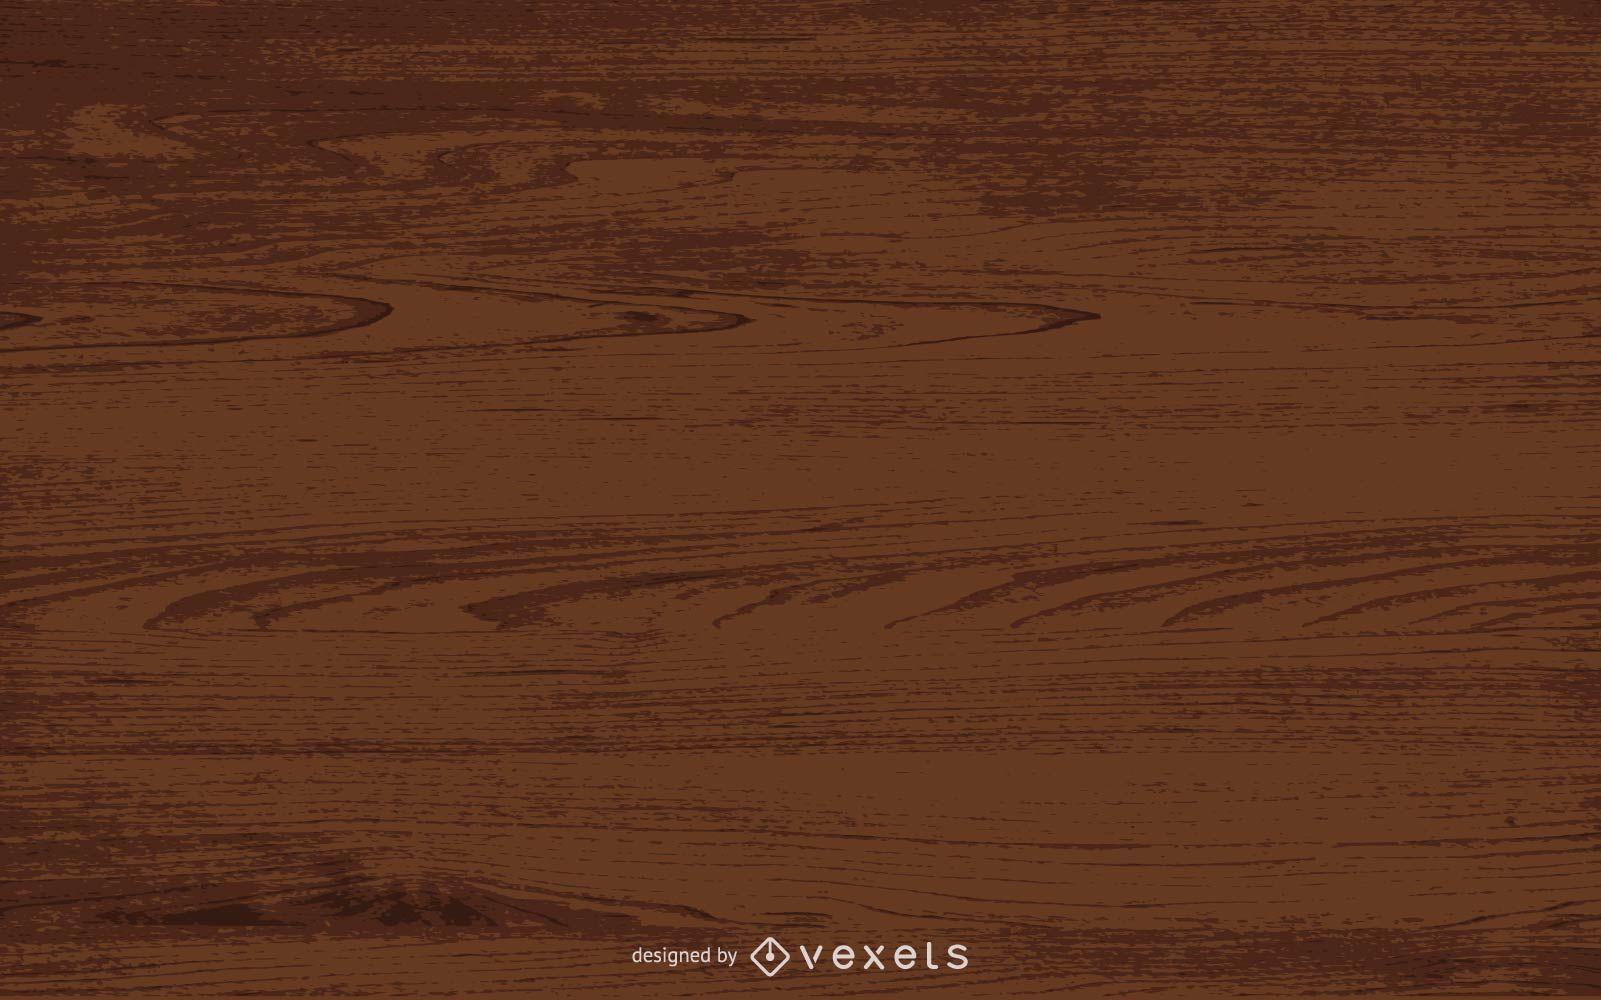 Textura de madera en tonos marrones